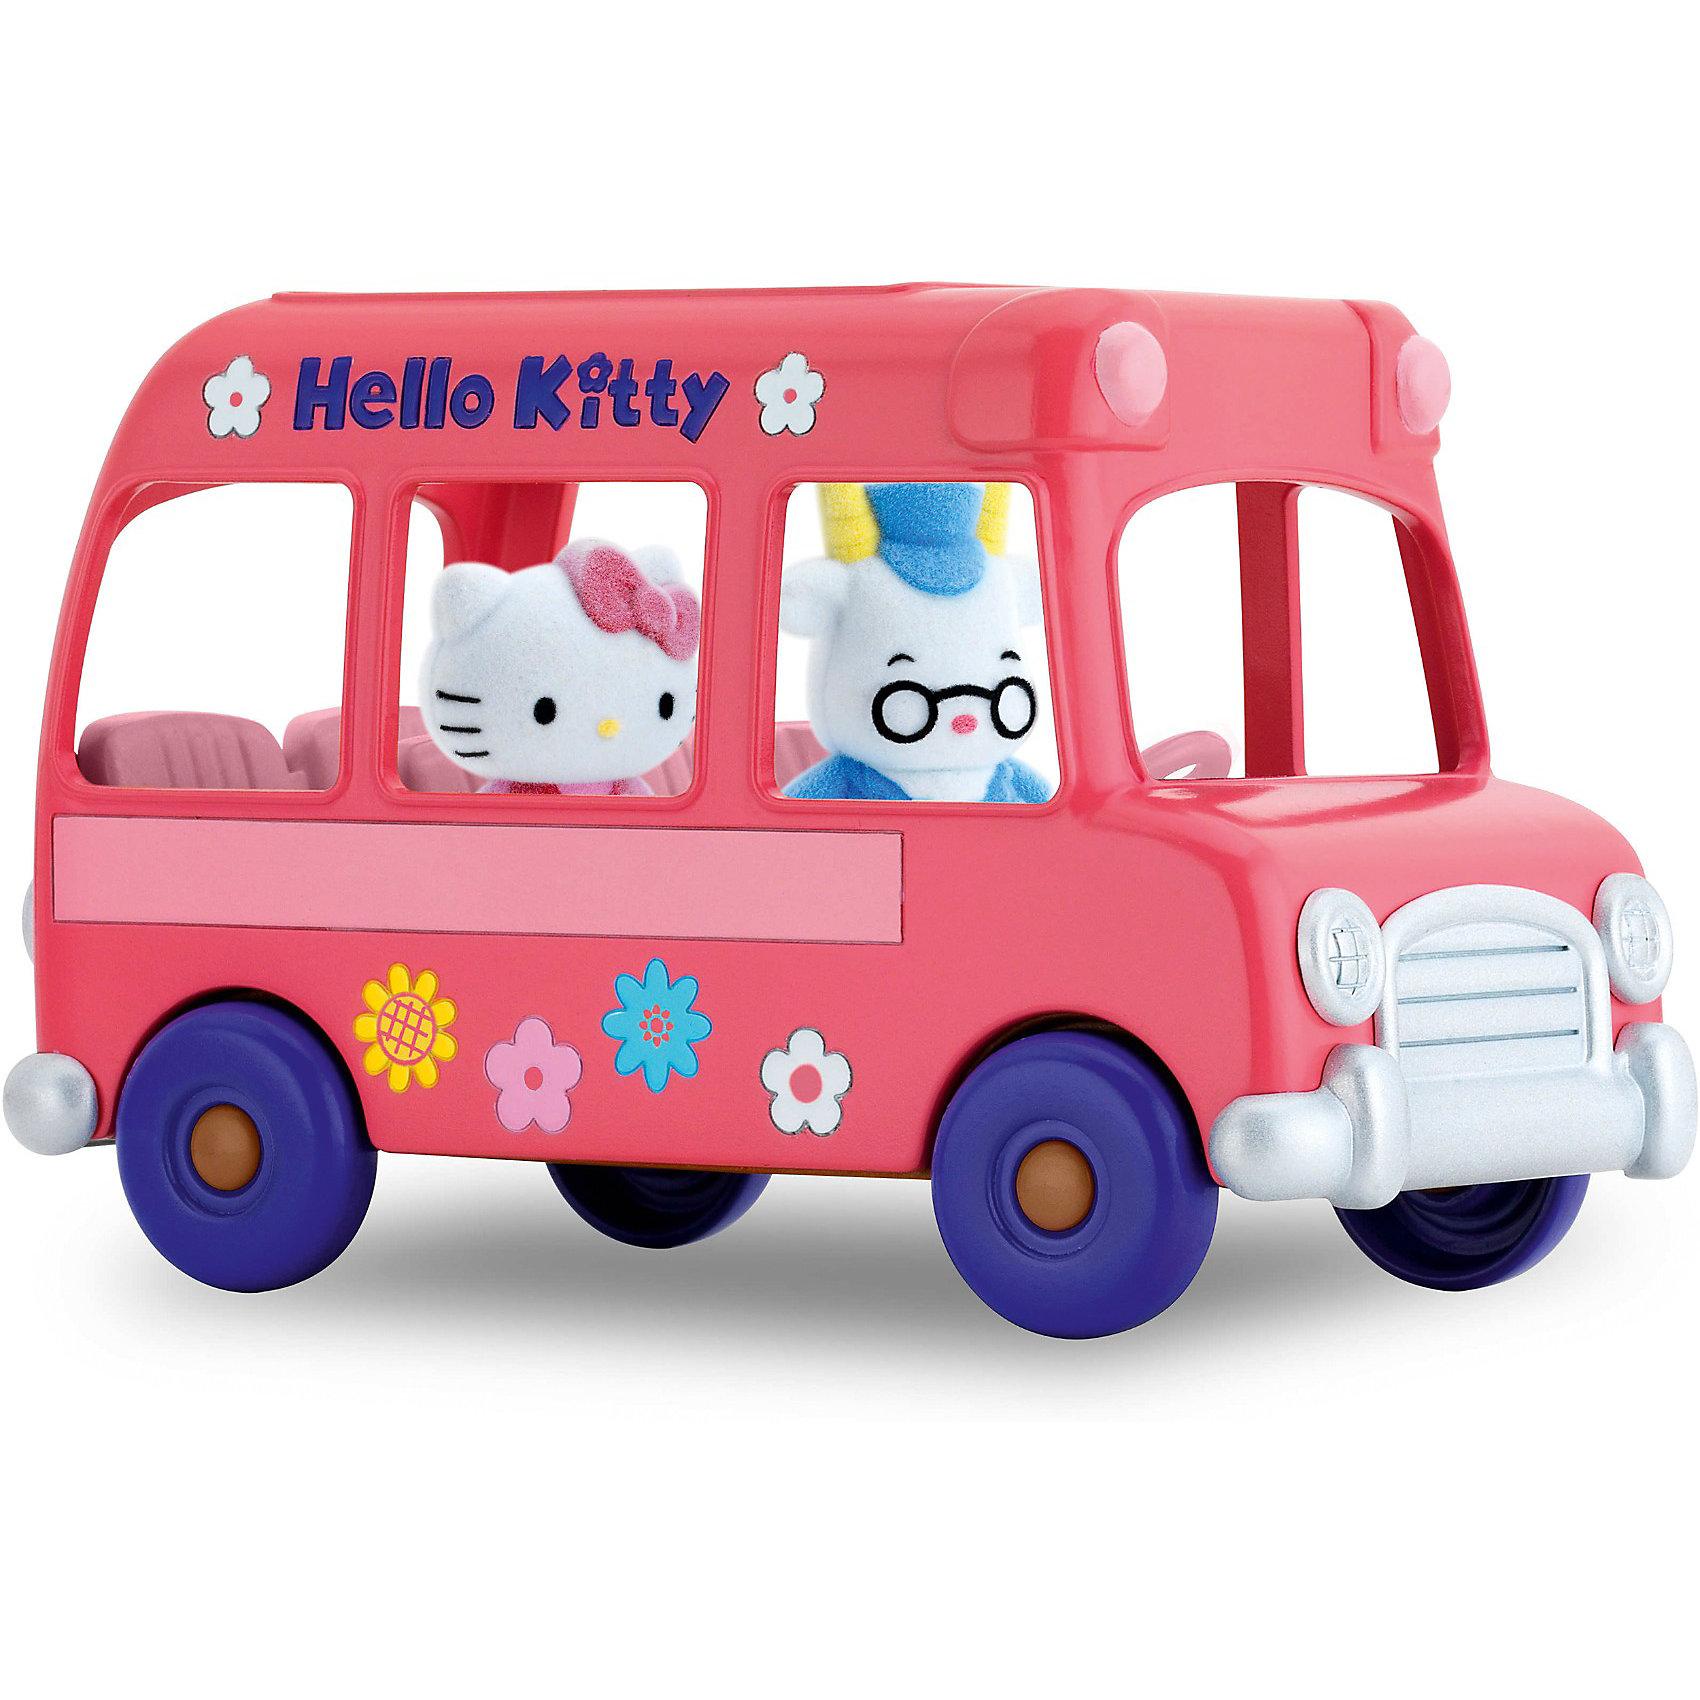 Игровой набор Школьный автобус Hello Kitty, Blue BoxЗамечательный набор понравится всем любителям очаровательной кошечки. Малышка Китти ездит в школу на  розовом автобусе, прокатись вместе с ней! Маленькие бархатные фигурки очень приятны на ощупь и прекрасно помещаются в детской ладошке или кармане. Их можно брать куда угодно - на прогулку, в гости, в детский сад - теперь твои маленькие друзья всегда будут рядом. Собери все игровые наборы  Hello Kitty (Хелло Китти) и создай маленький городок, в котором будет уютно Kitty и ее друзьям. Игрушки прекрасно детализированы и выполнены из высококачественных гипоаллергенных материалов безвредных для детей.<br><br>Дополнительная информация:<br><br>- Комплектация: автобус, фигурки ( 2 шт.)<br>- Материал: пластик, флок.<br>- Размер фигурки: 3,5 см.<br><br>Игровой набор Школьный автобус Hello Kitty ( Хелло Кити), Blue Box<br><br>Ширина мм: 284<br>Глубина мм: 248<br>Высота мм: 284<br>Вес г: 204<br>Возраст от месяцев: 48<br>Возраст до месяцев: 84<br>Пол: Женский<br>Возраст: Детский<br>SKU: 3905881